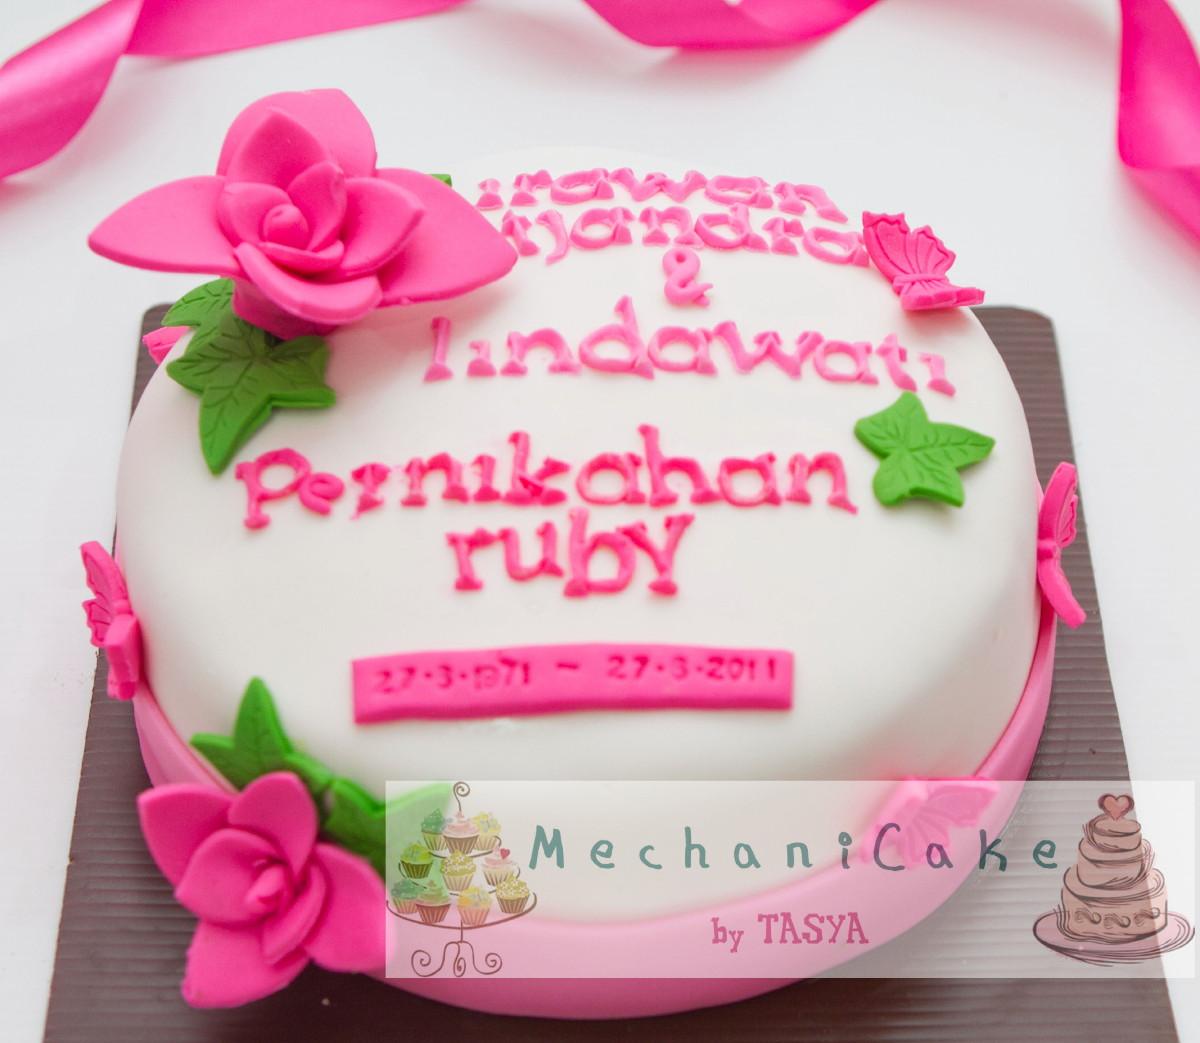 Mechanicake th wedding anniversary cake s